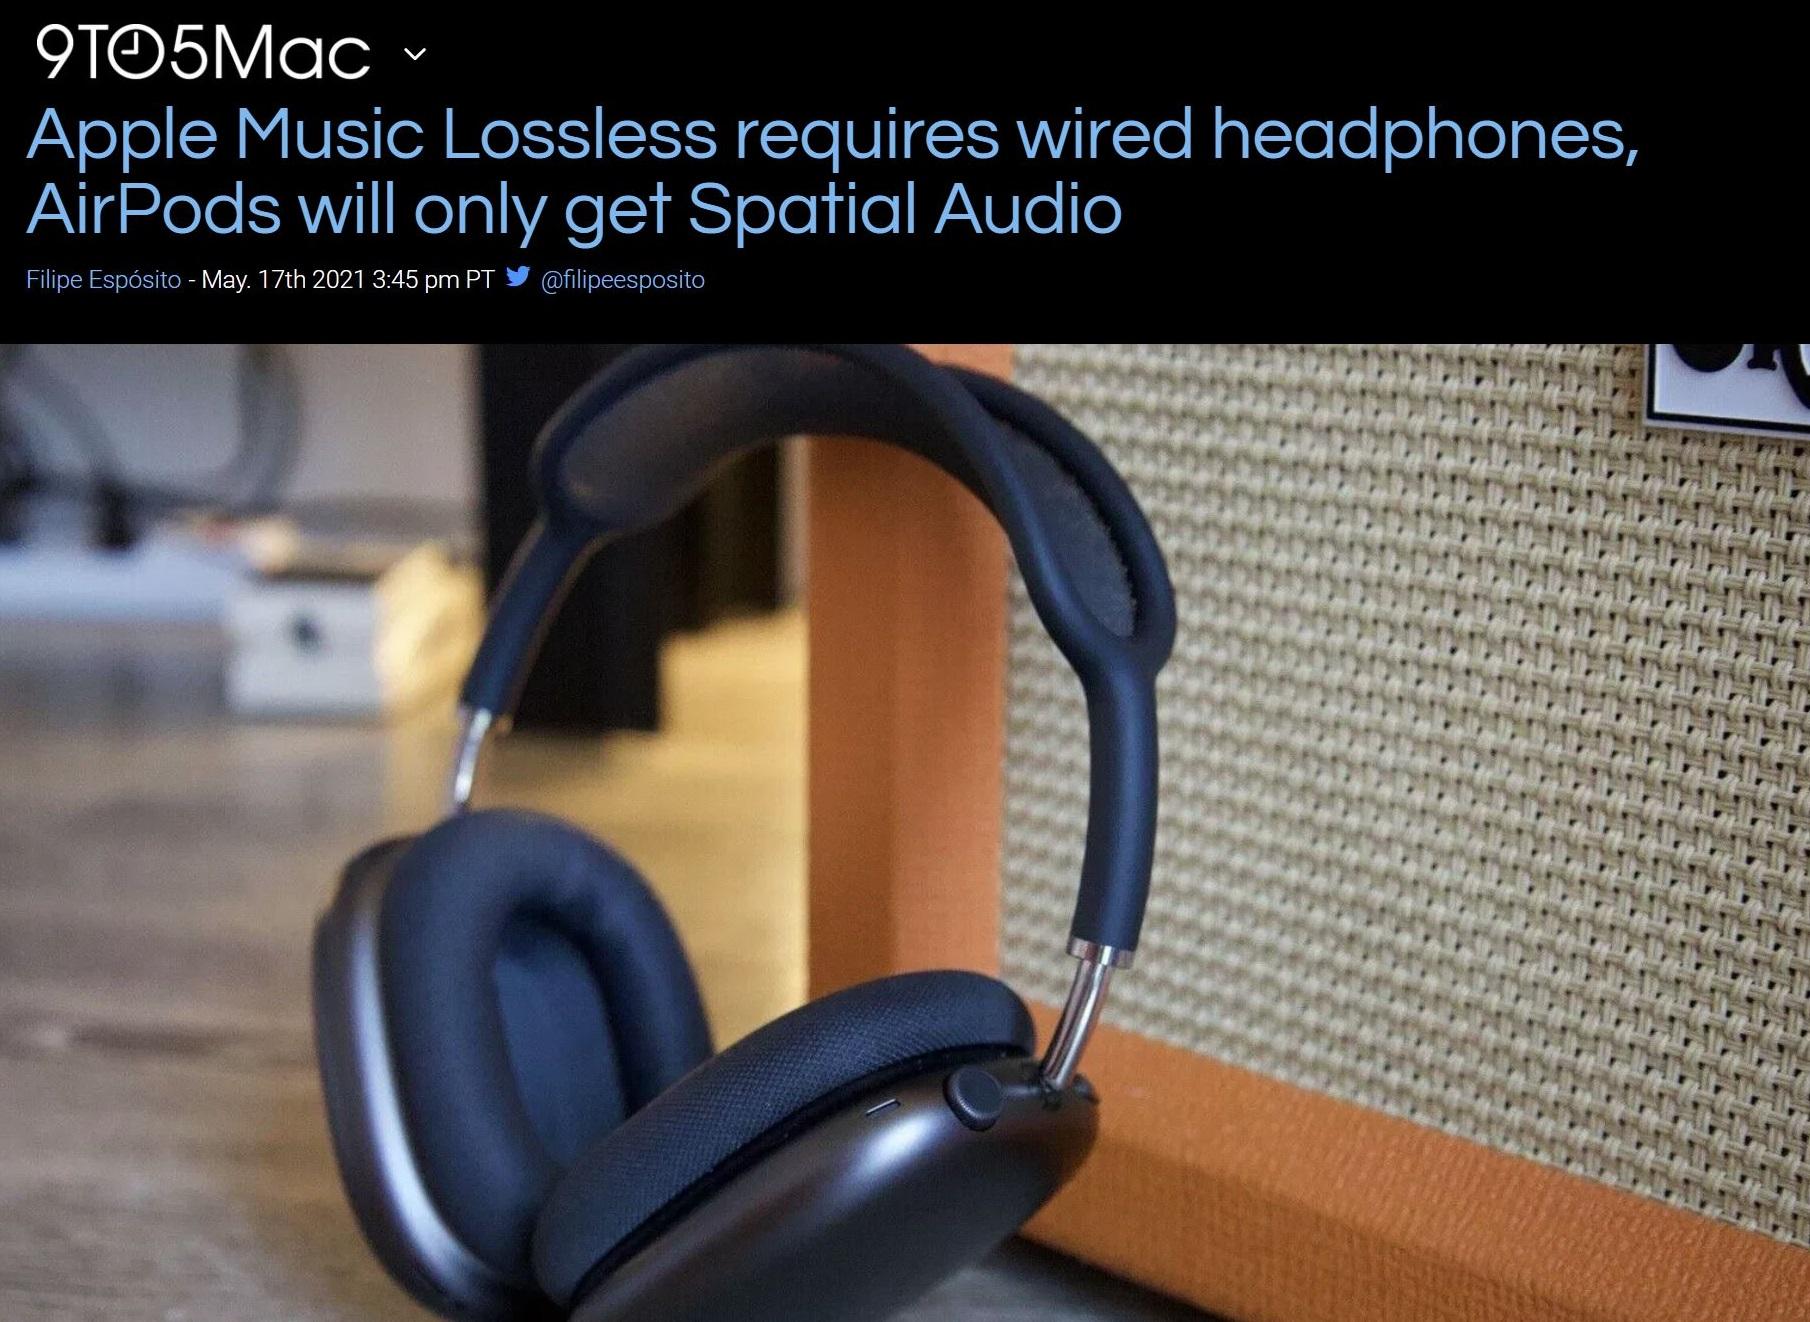 Muốn nghe nhạc Apple lossless đúng chuẩn? Gom đủ 5 triệu mua phụ kiện đi rồi tính tiếp! - Ảnh 5.